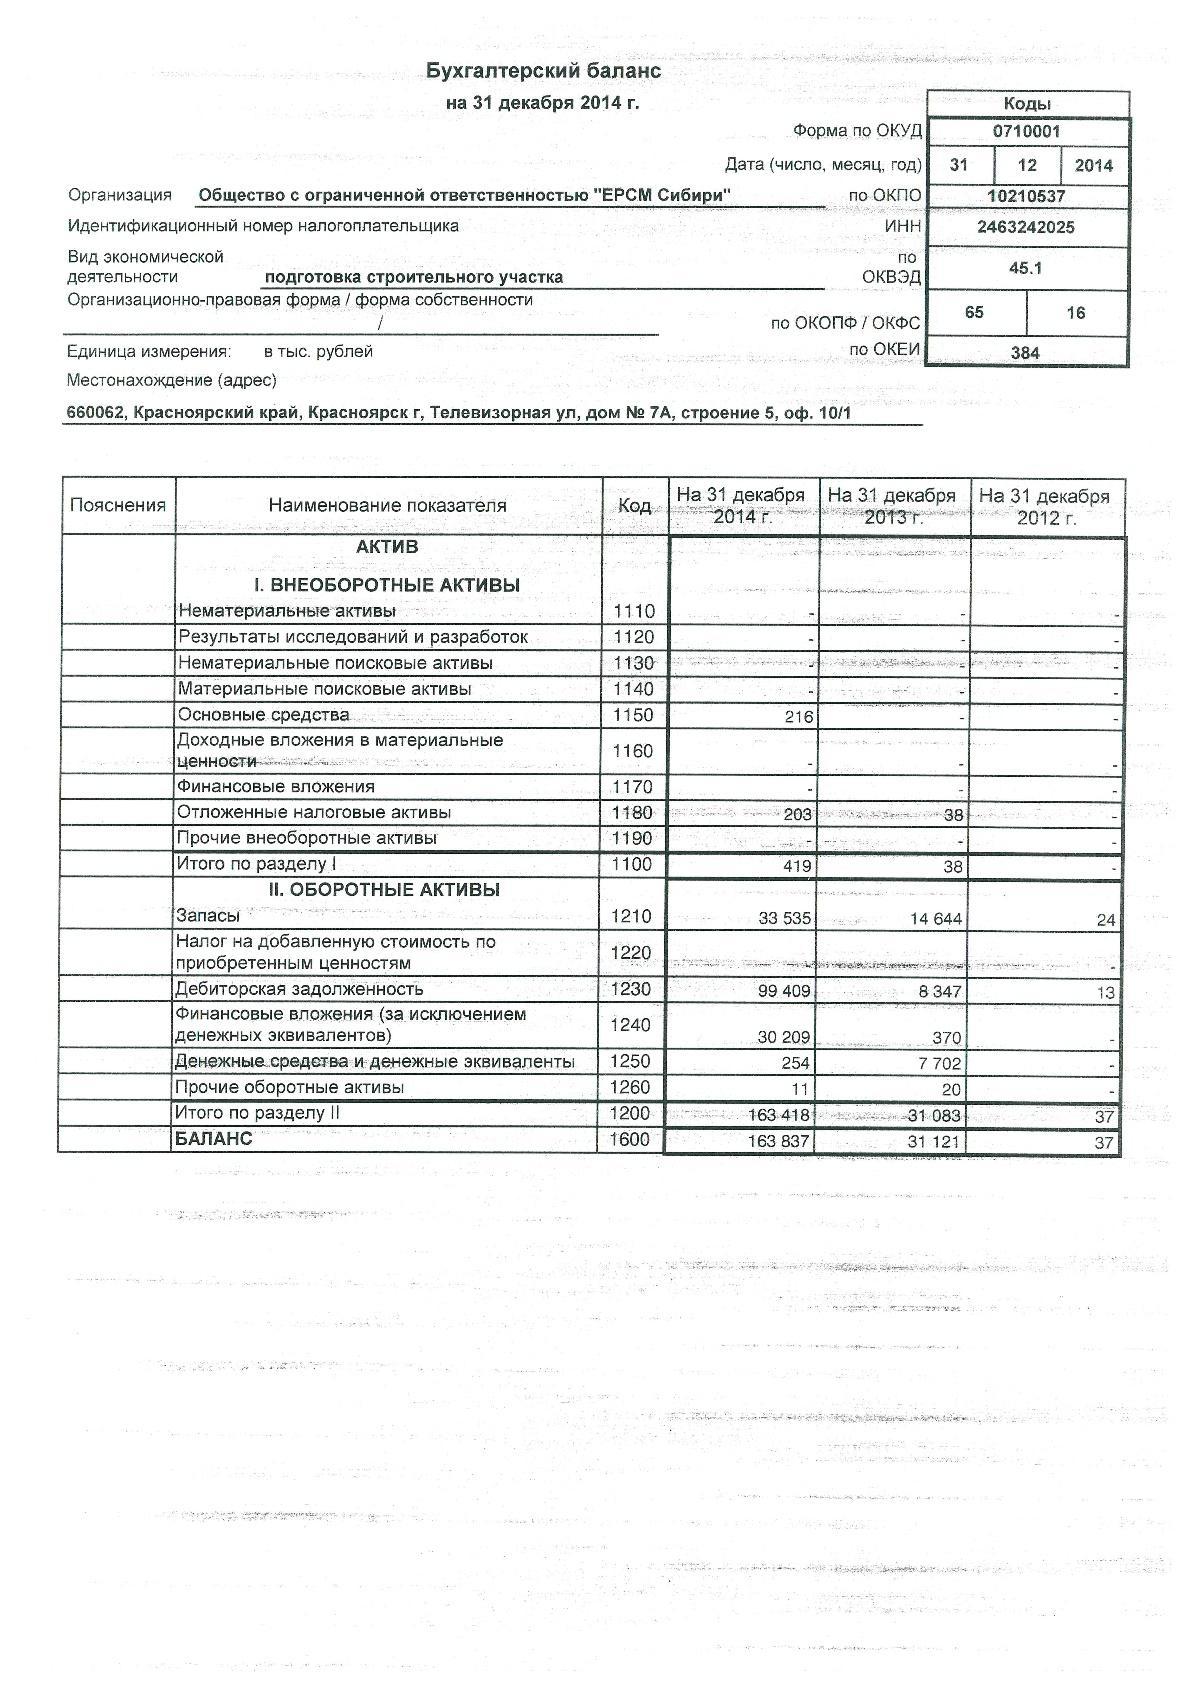 Приложение а Бухгалтерский баланс форма №